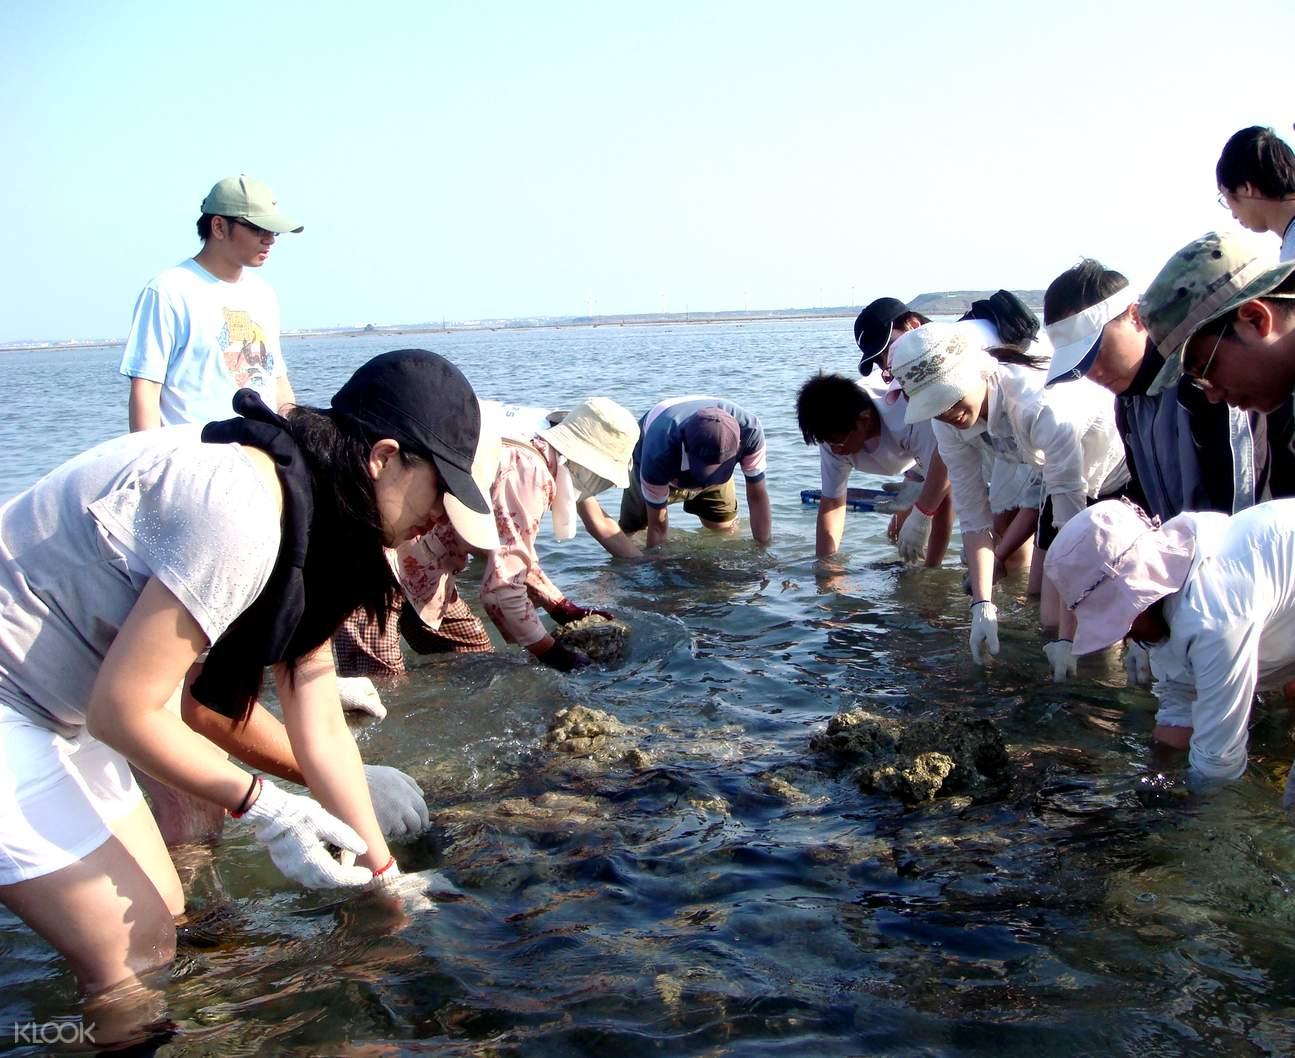 澎湖現抓石斑魚體驗